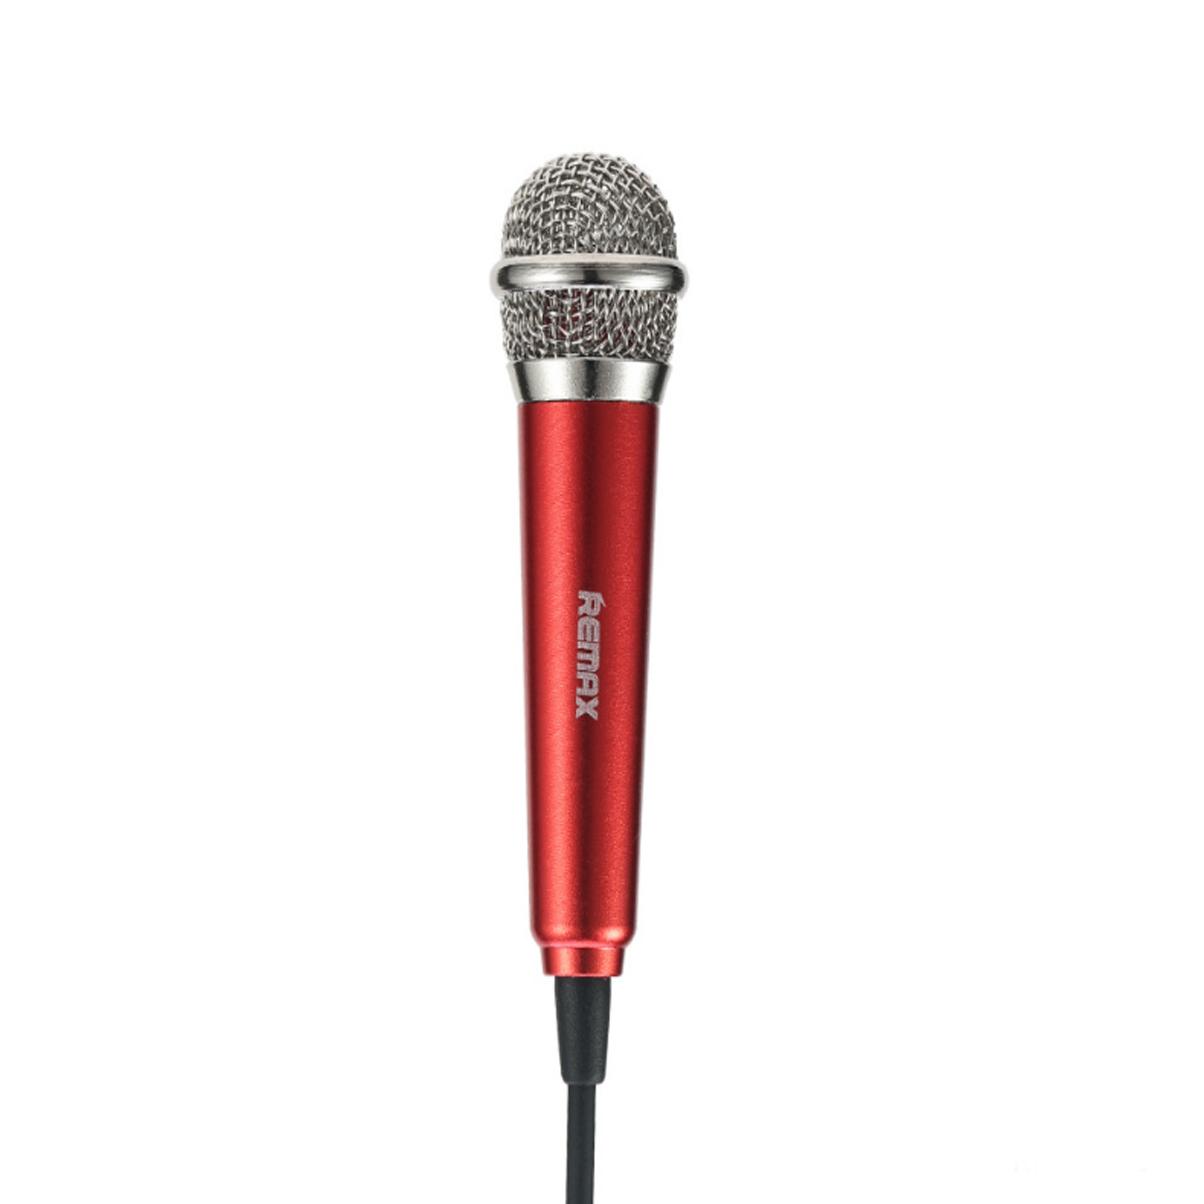 Microphone Dành Cho Iphone Mini RMK-K01 Remax-Tặng Gía Đỡ Điện Thoại-Hàng Chính Hãng